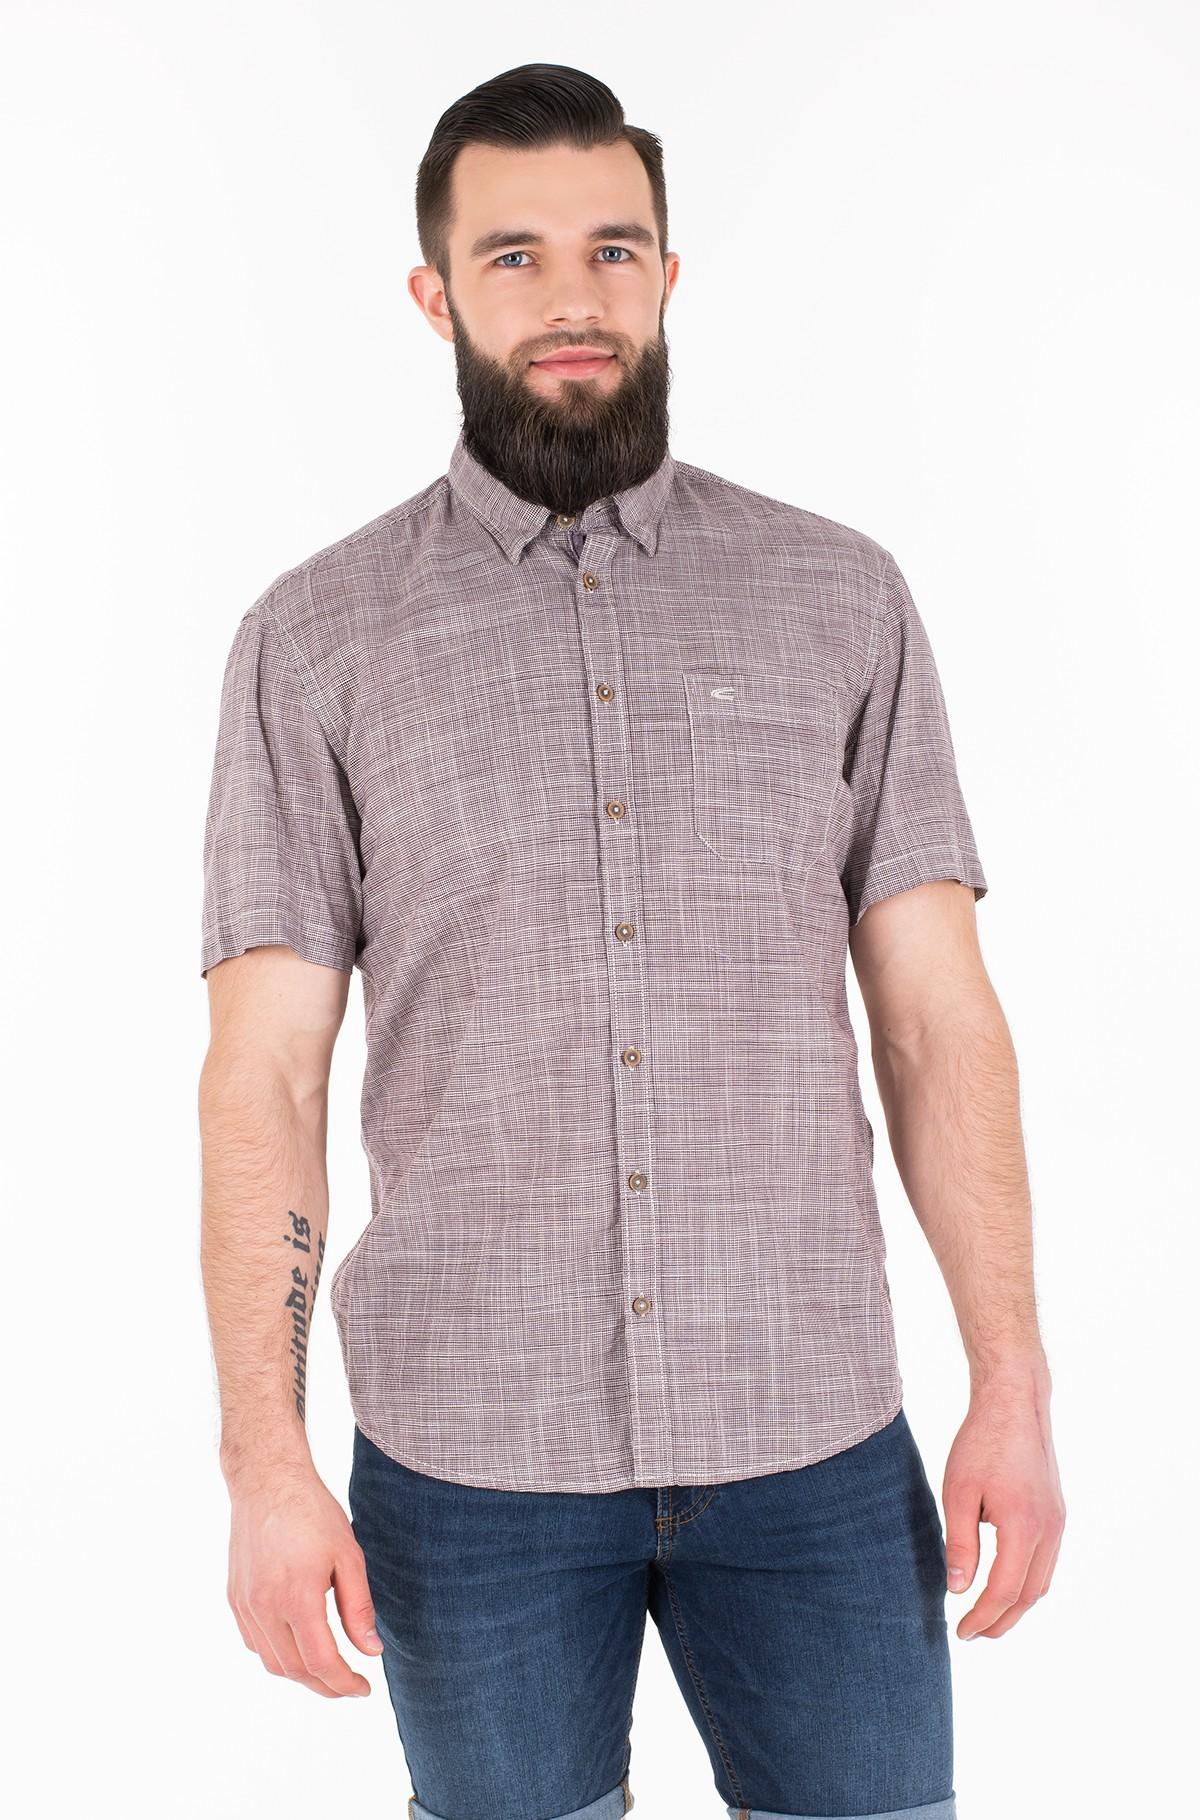 Marškiniai su trumpomis rankovėmis 31.115015-full-1